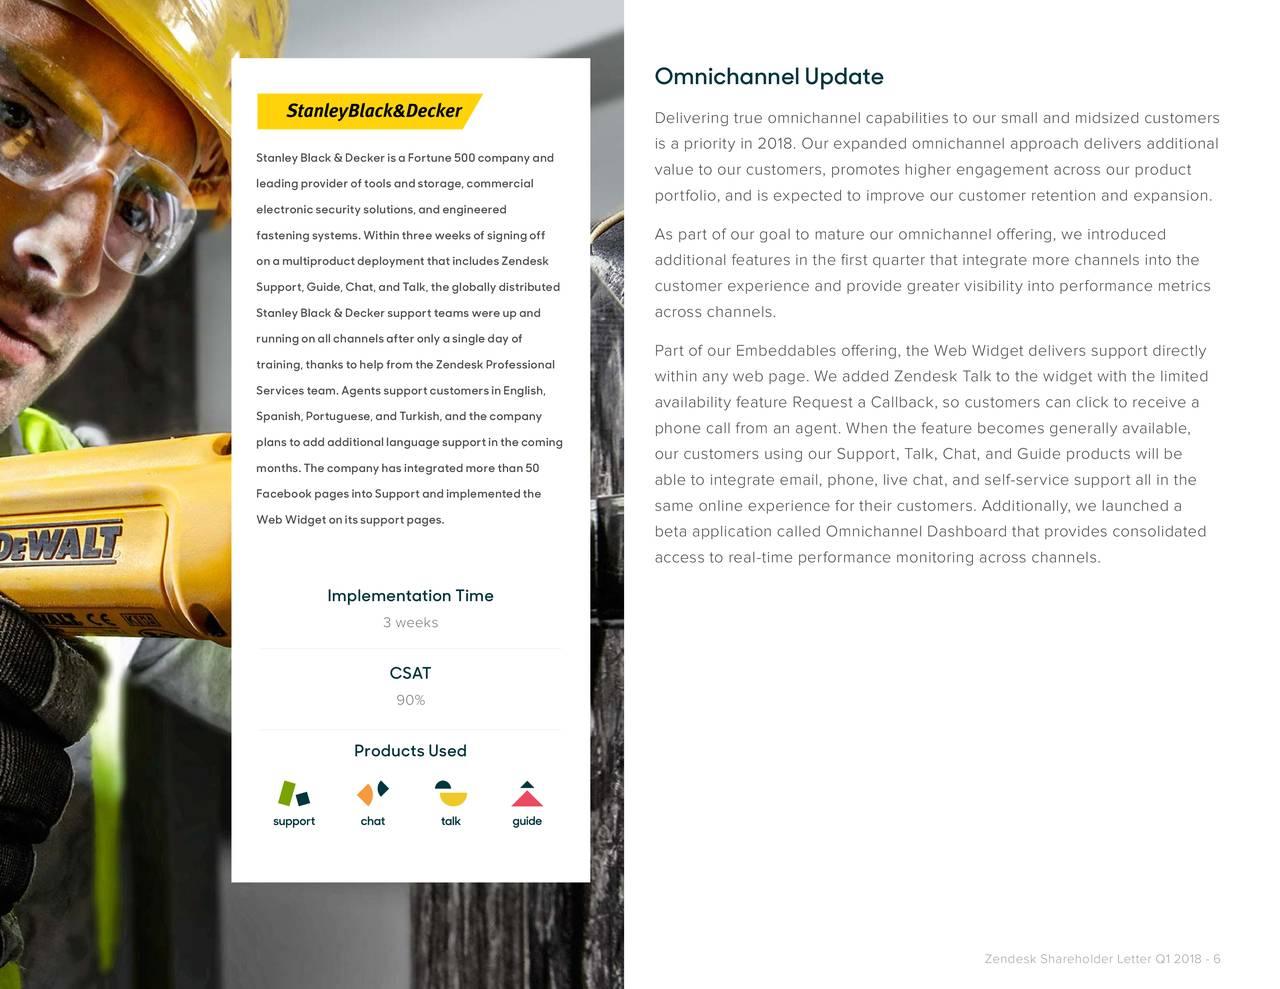 Zendesk Q1 2018 Shareholder Letter - Zendesk, Inc  (NYSE:ZEN